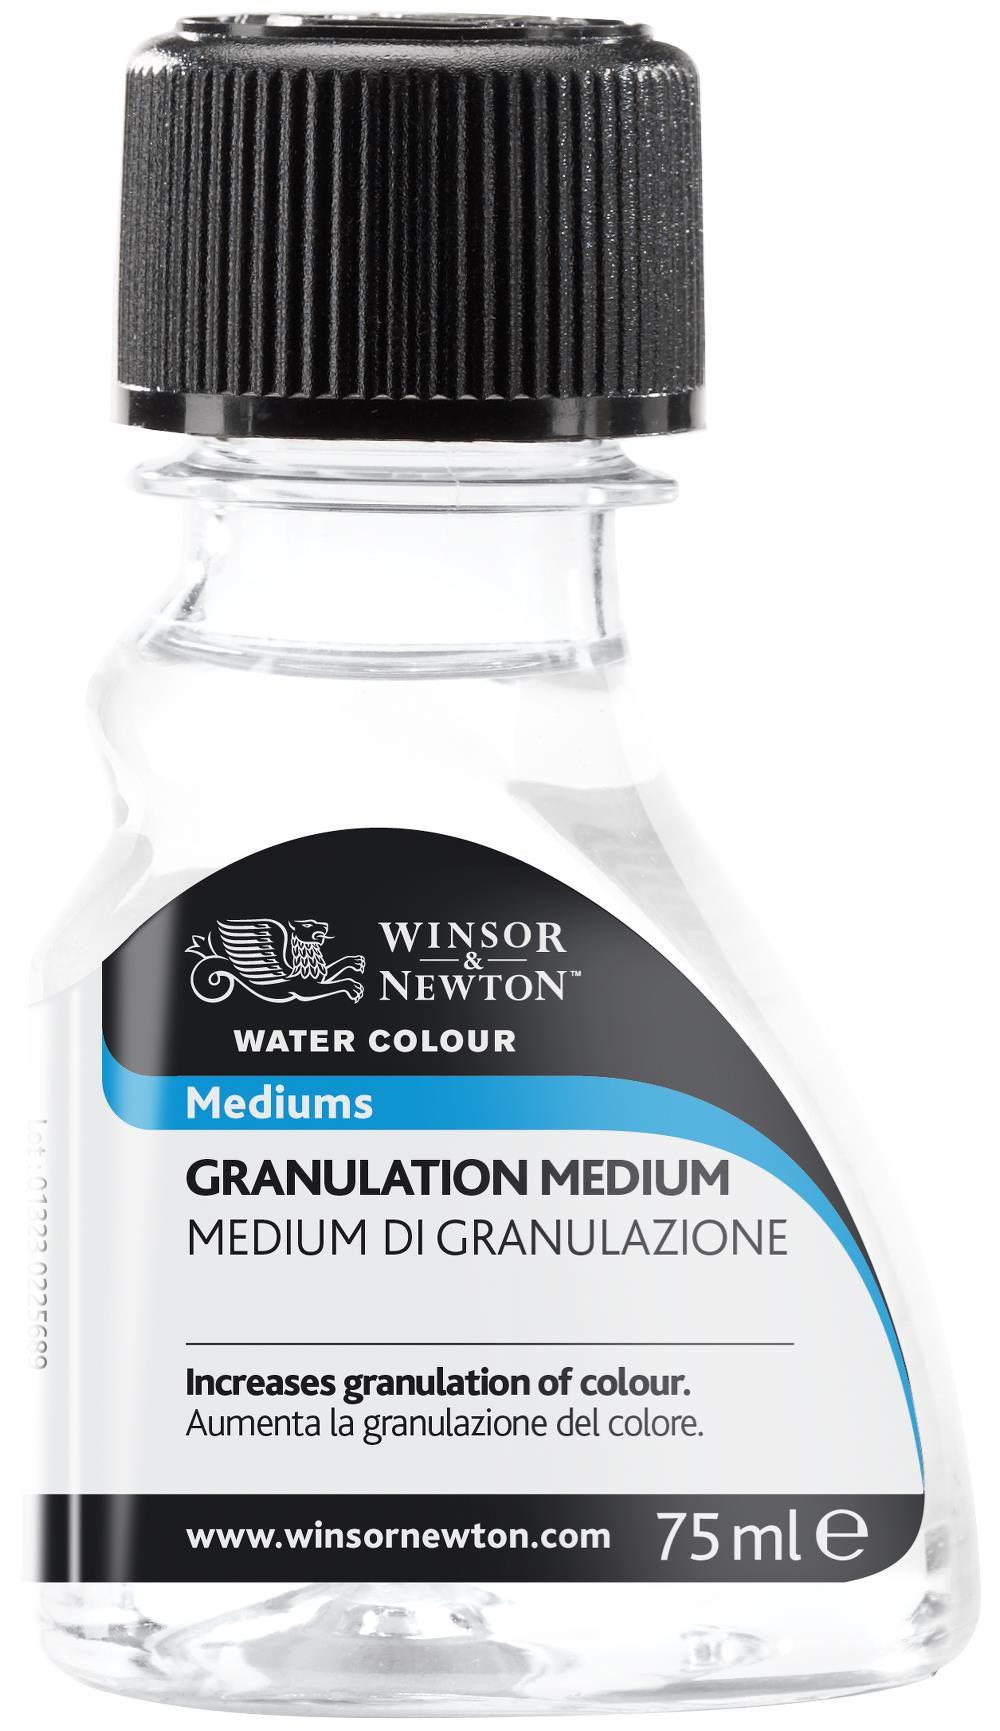 MEDIUM DE GRANULATION